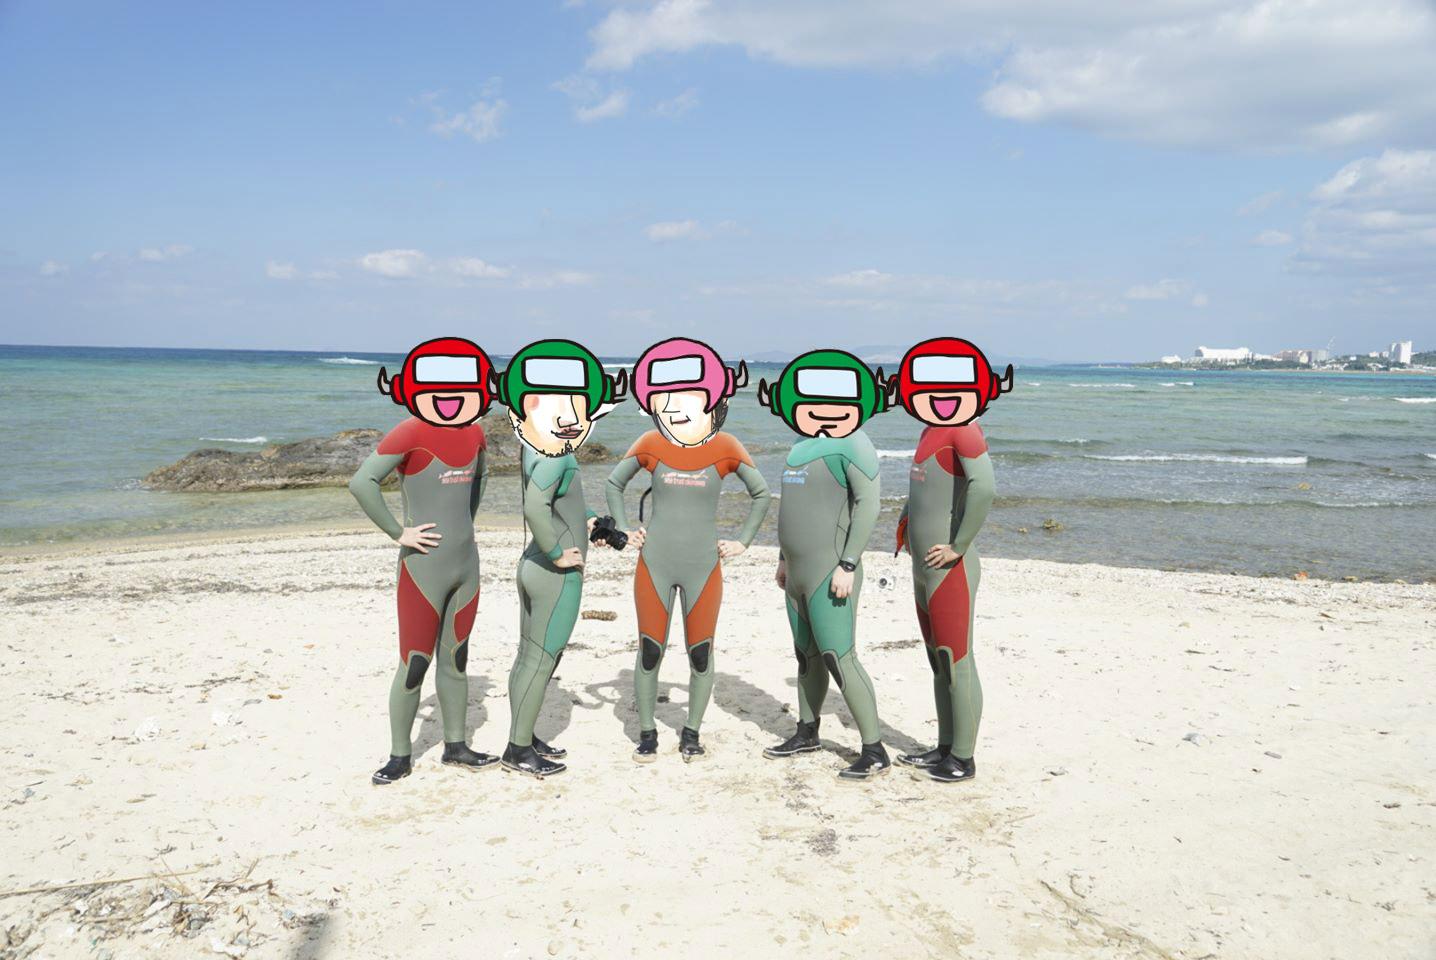 マリブビーチのシュノーケル後に記念撮影